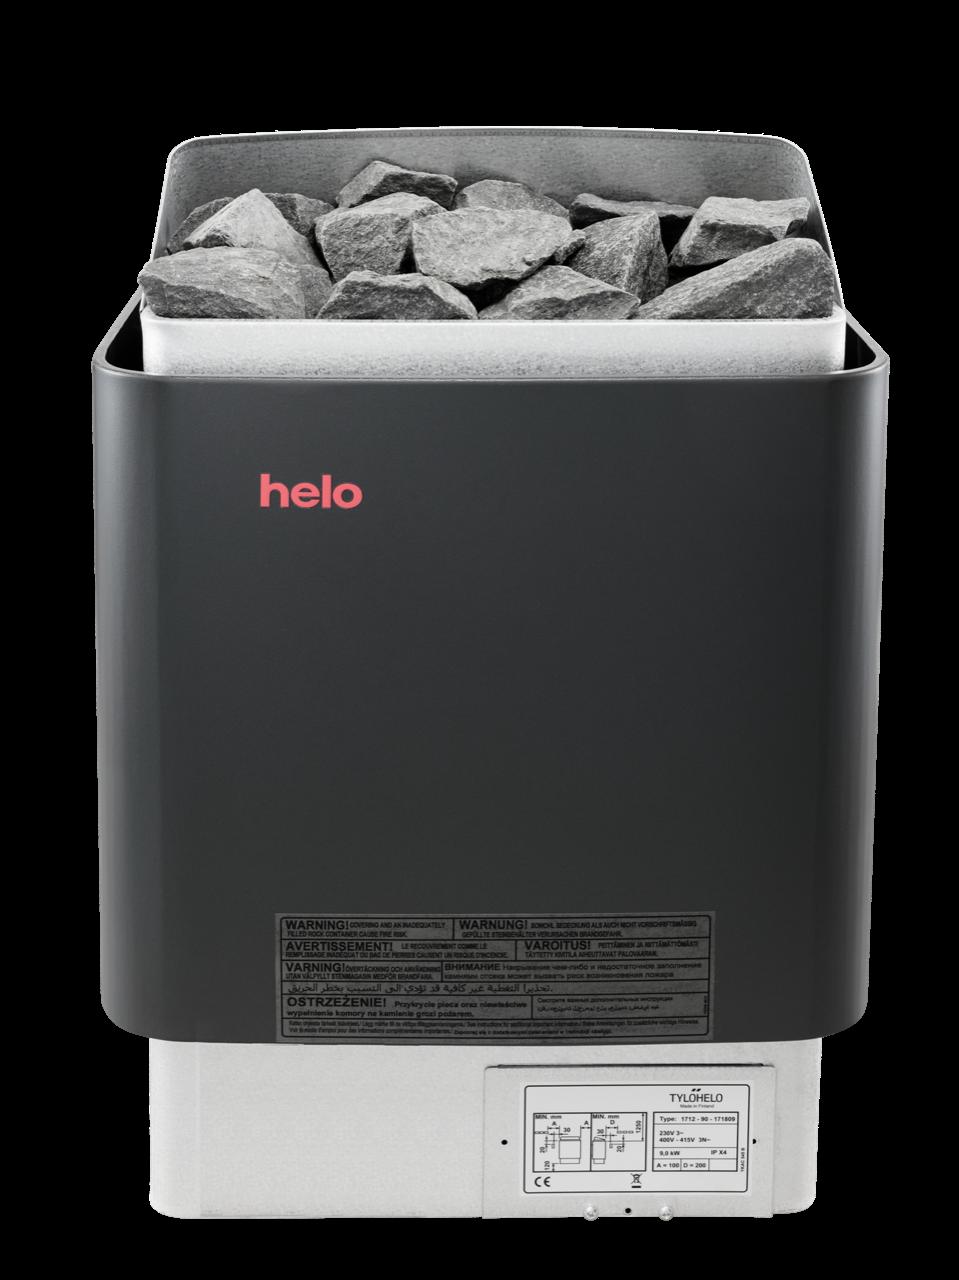 Afbeelding van Helo CUP 45D saunakachel 4,5 kW (externe besturing)